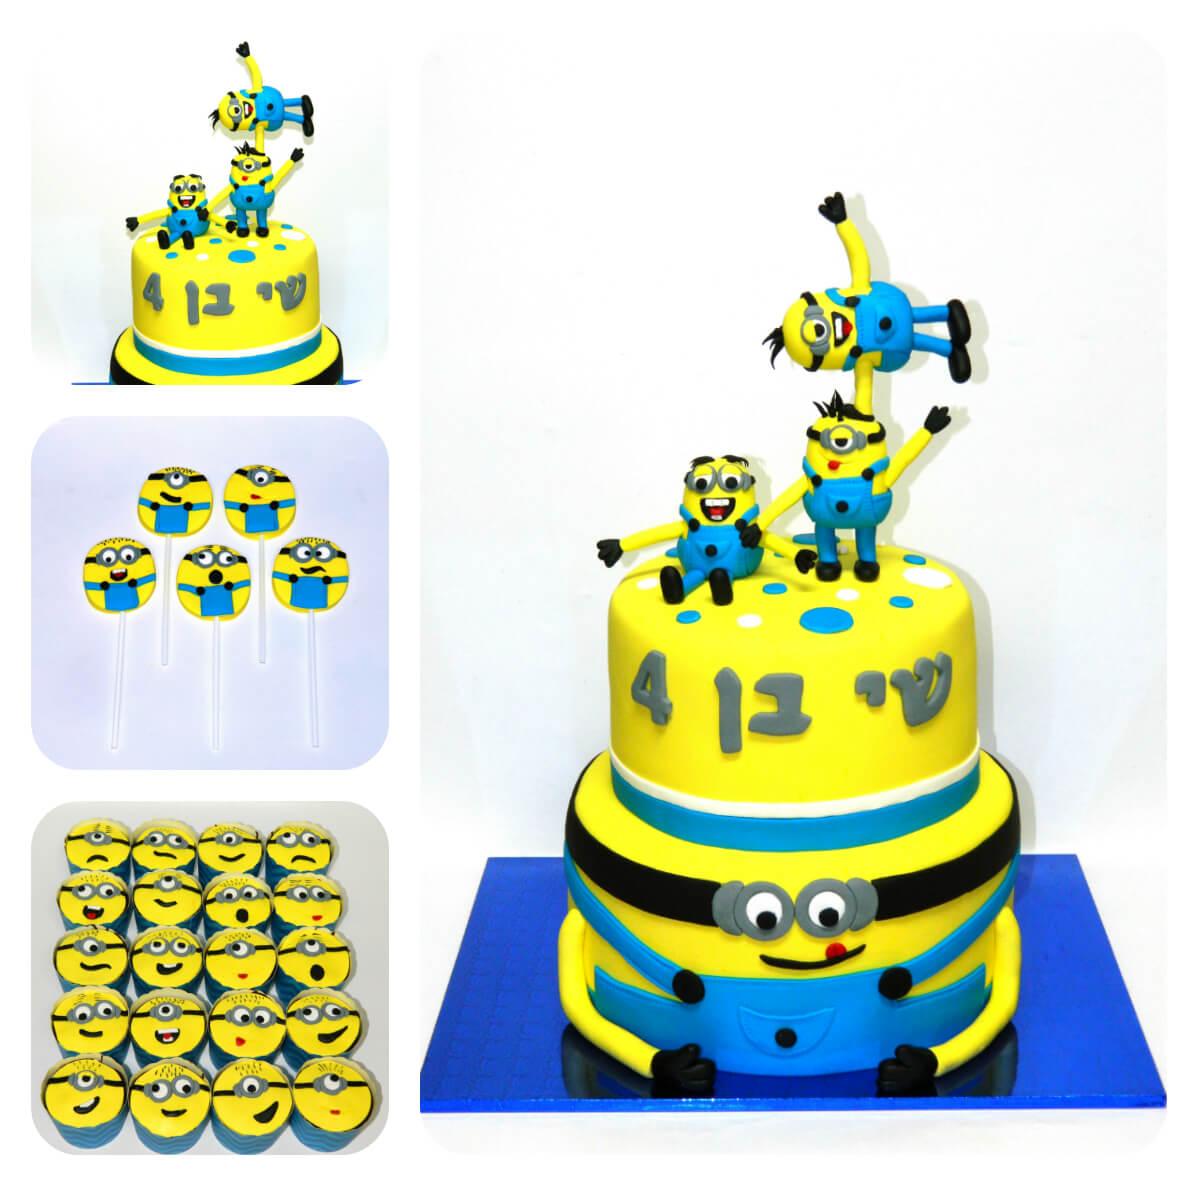 עוגה מעוצבת מיניונים, עוגות יום הולדת לבנים, מעוצבות בצק סוכר | הסוכריה והעוגה - דורית יחיאל